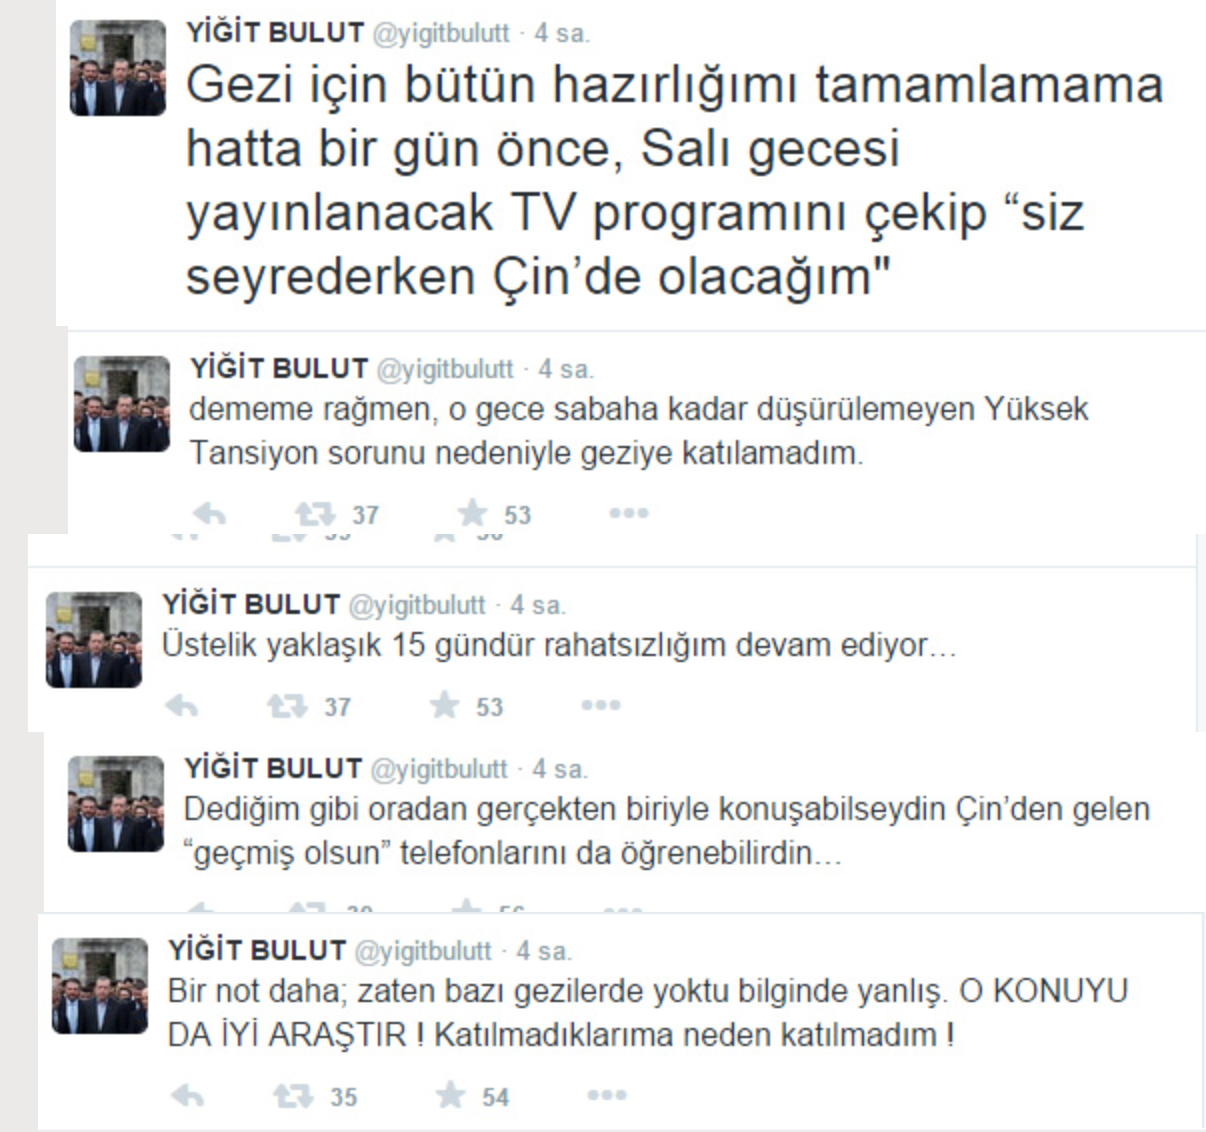 ybulut6